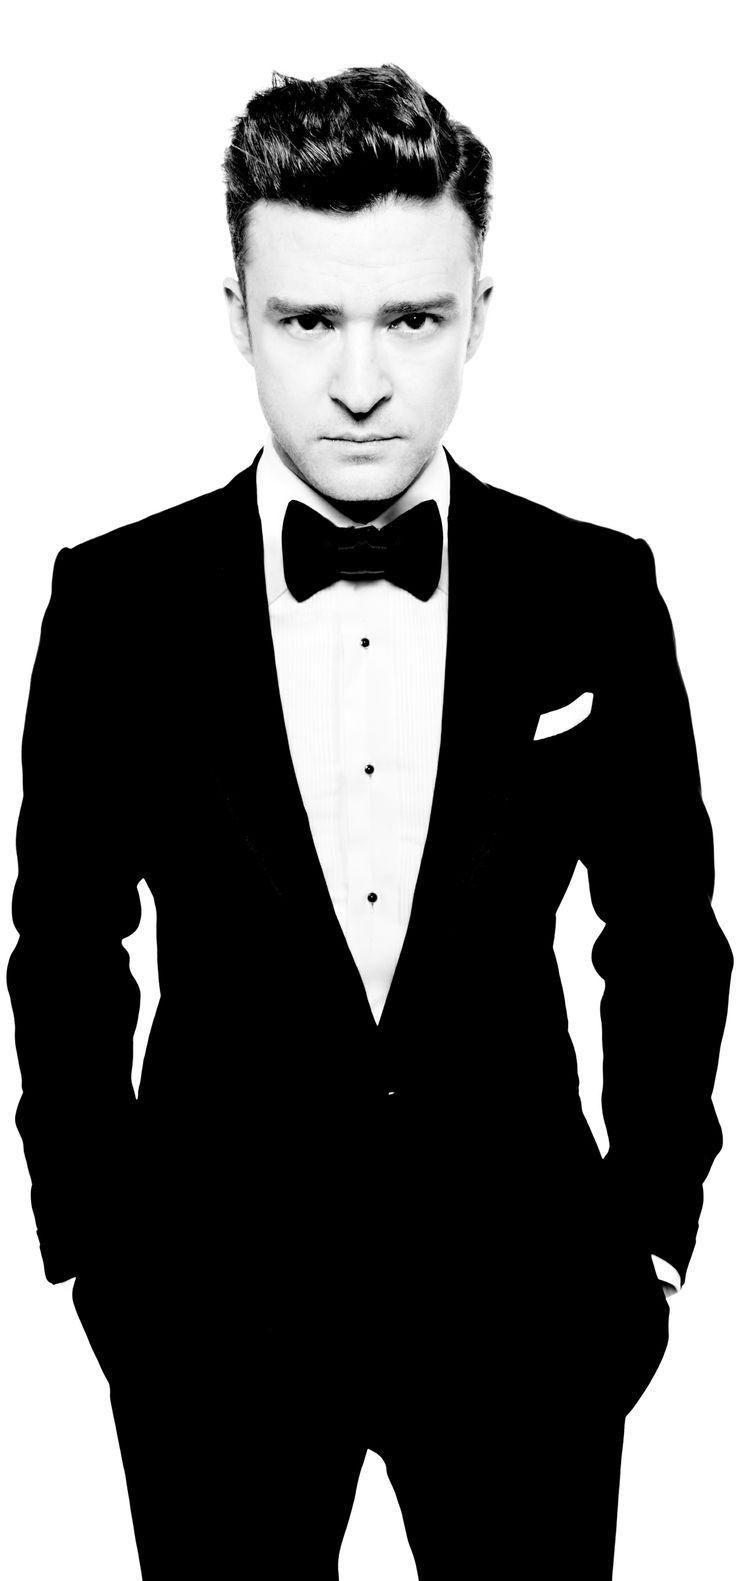 to wear - Timberlake justin most stylish man video